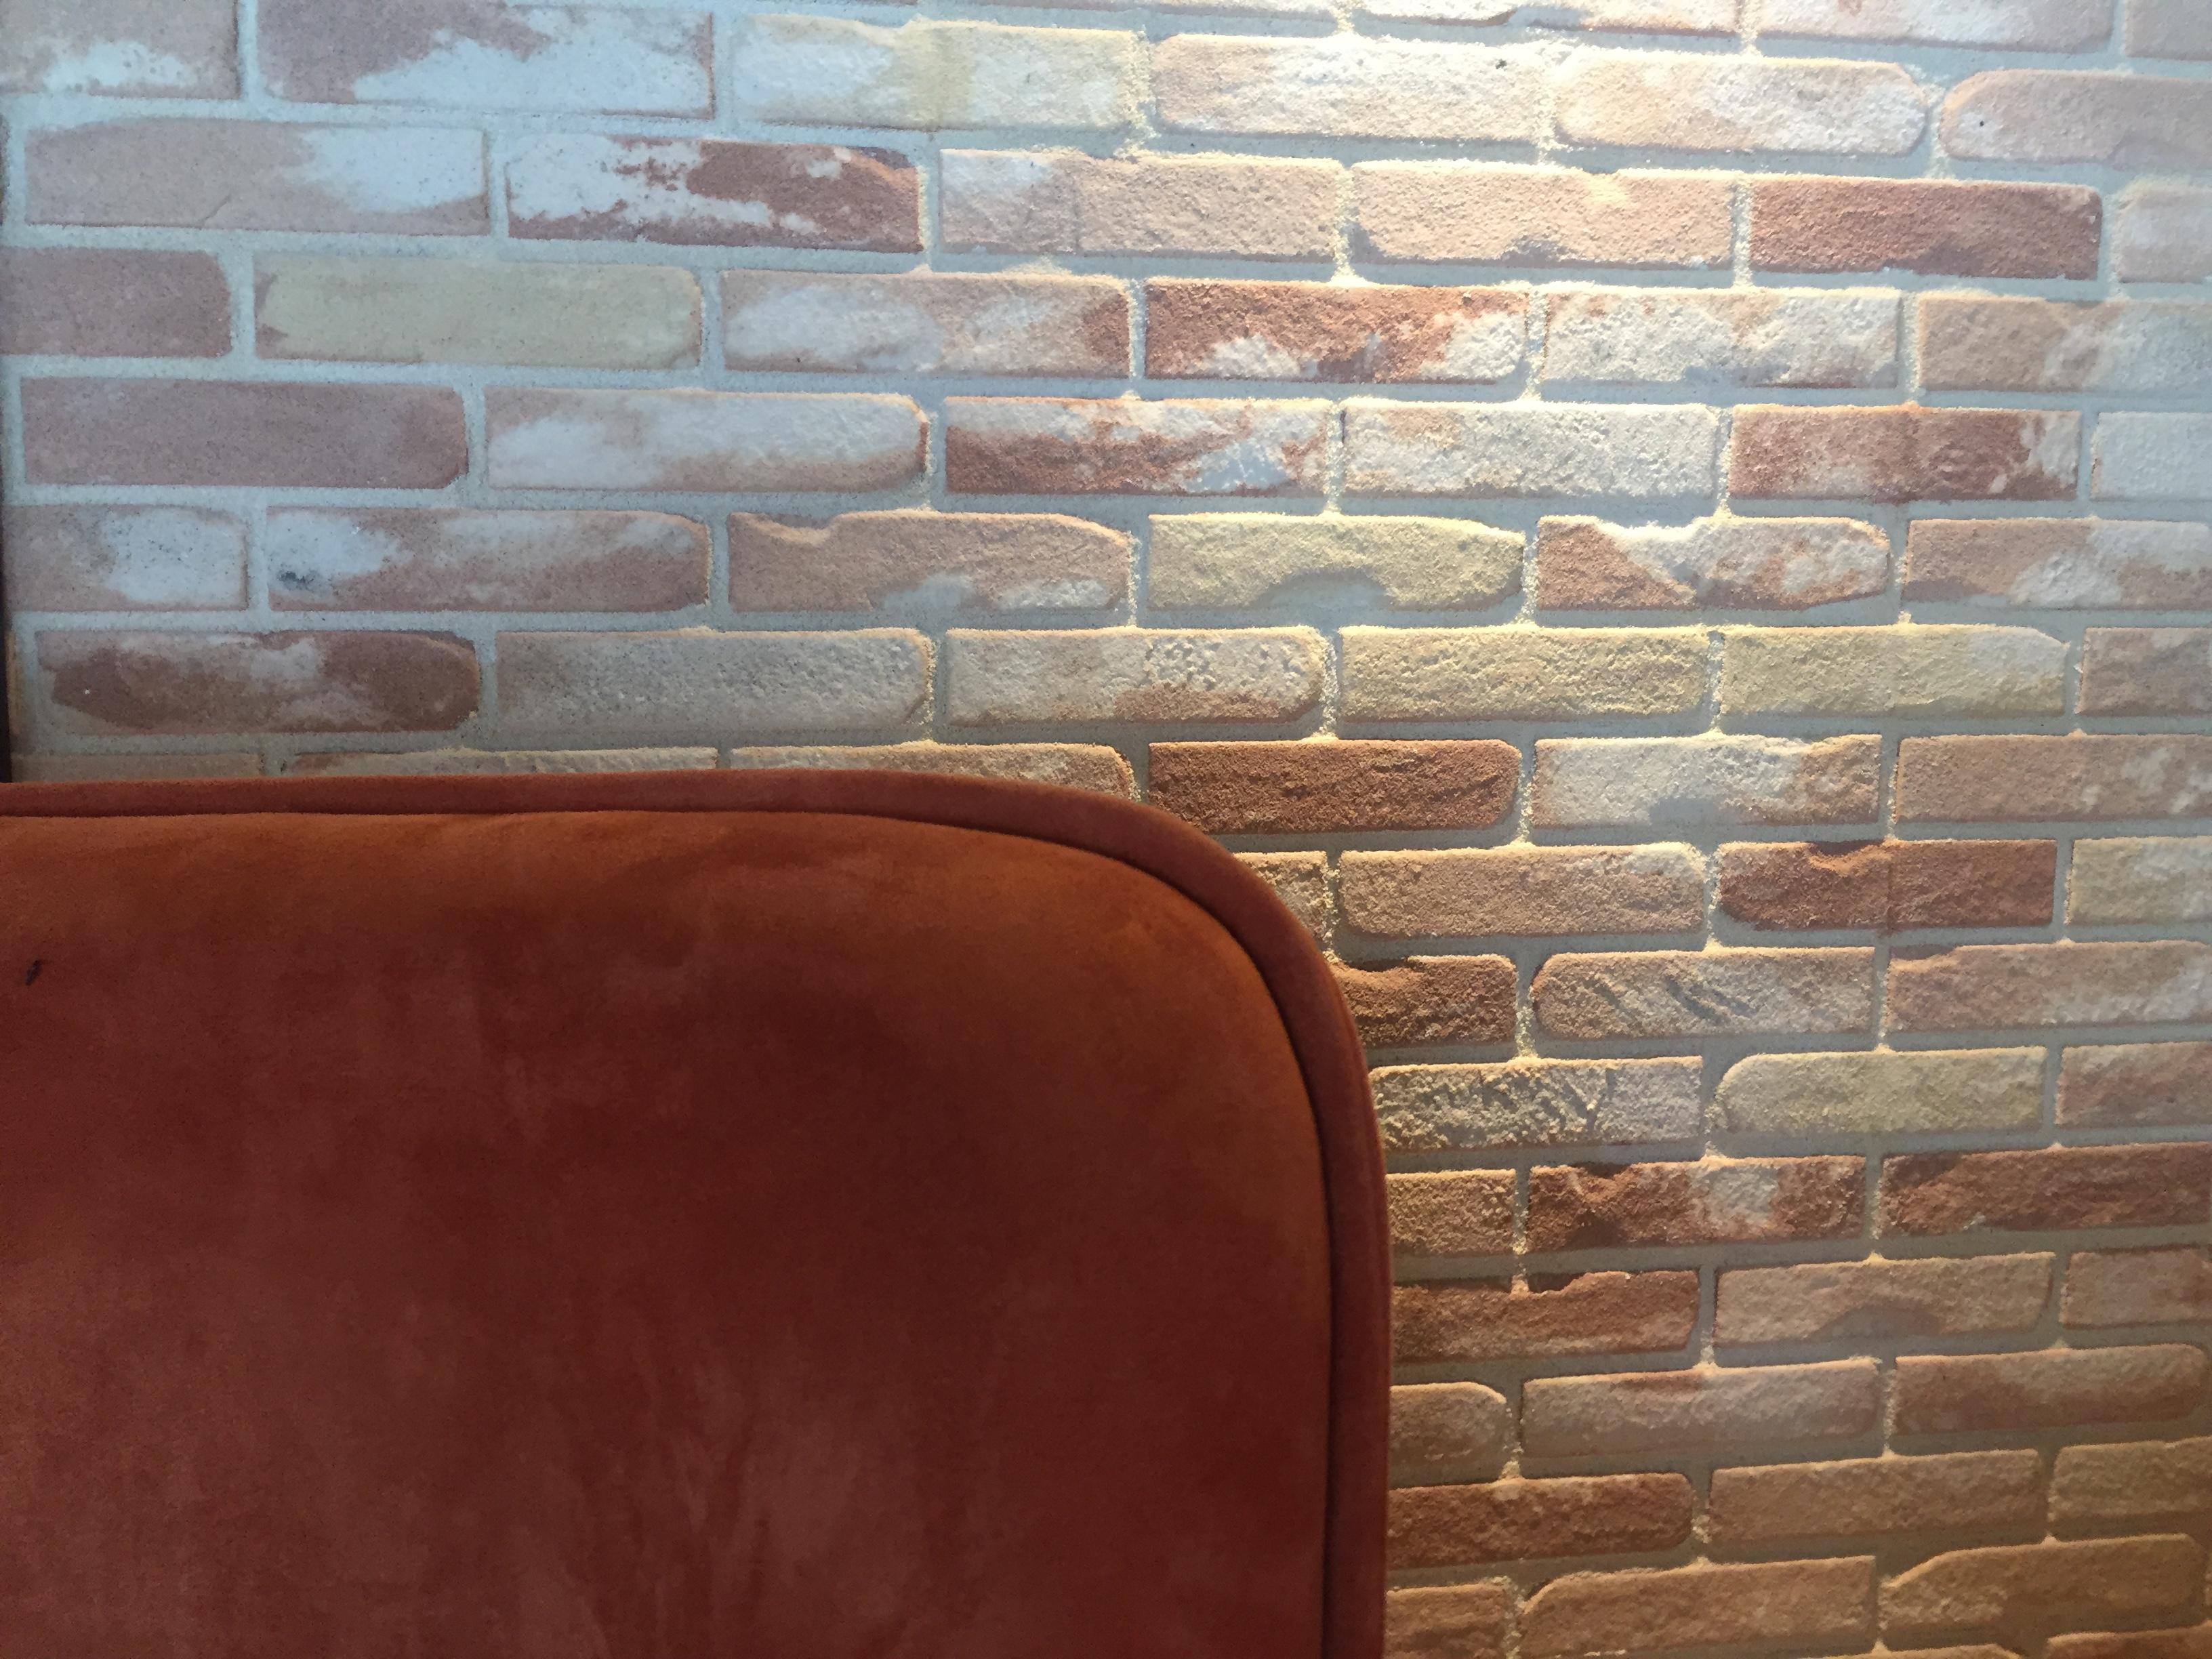 Pannelli mattone ricostruito finto mattone dekor italy for Pannelli in finto mattone